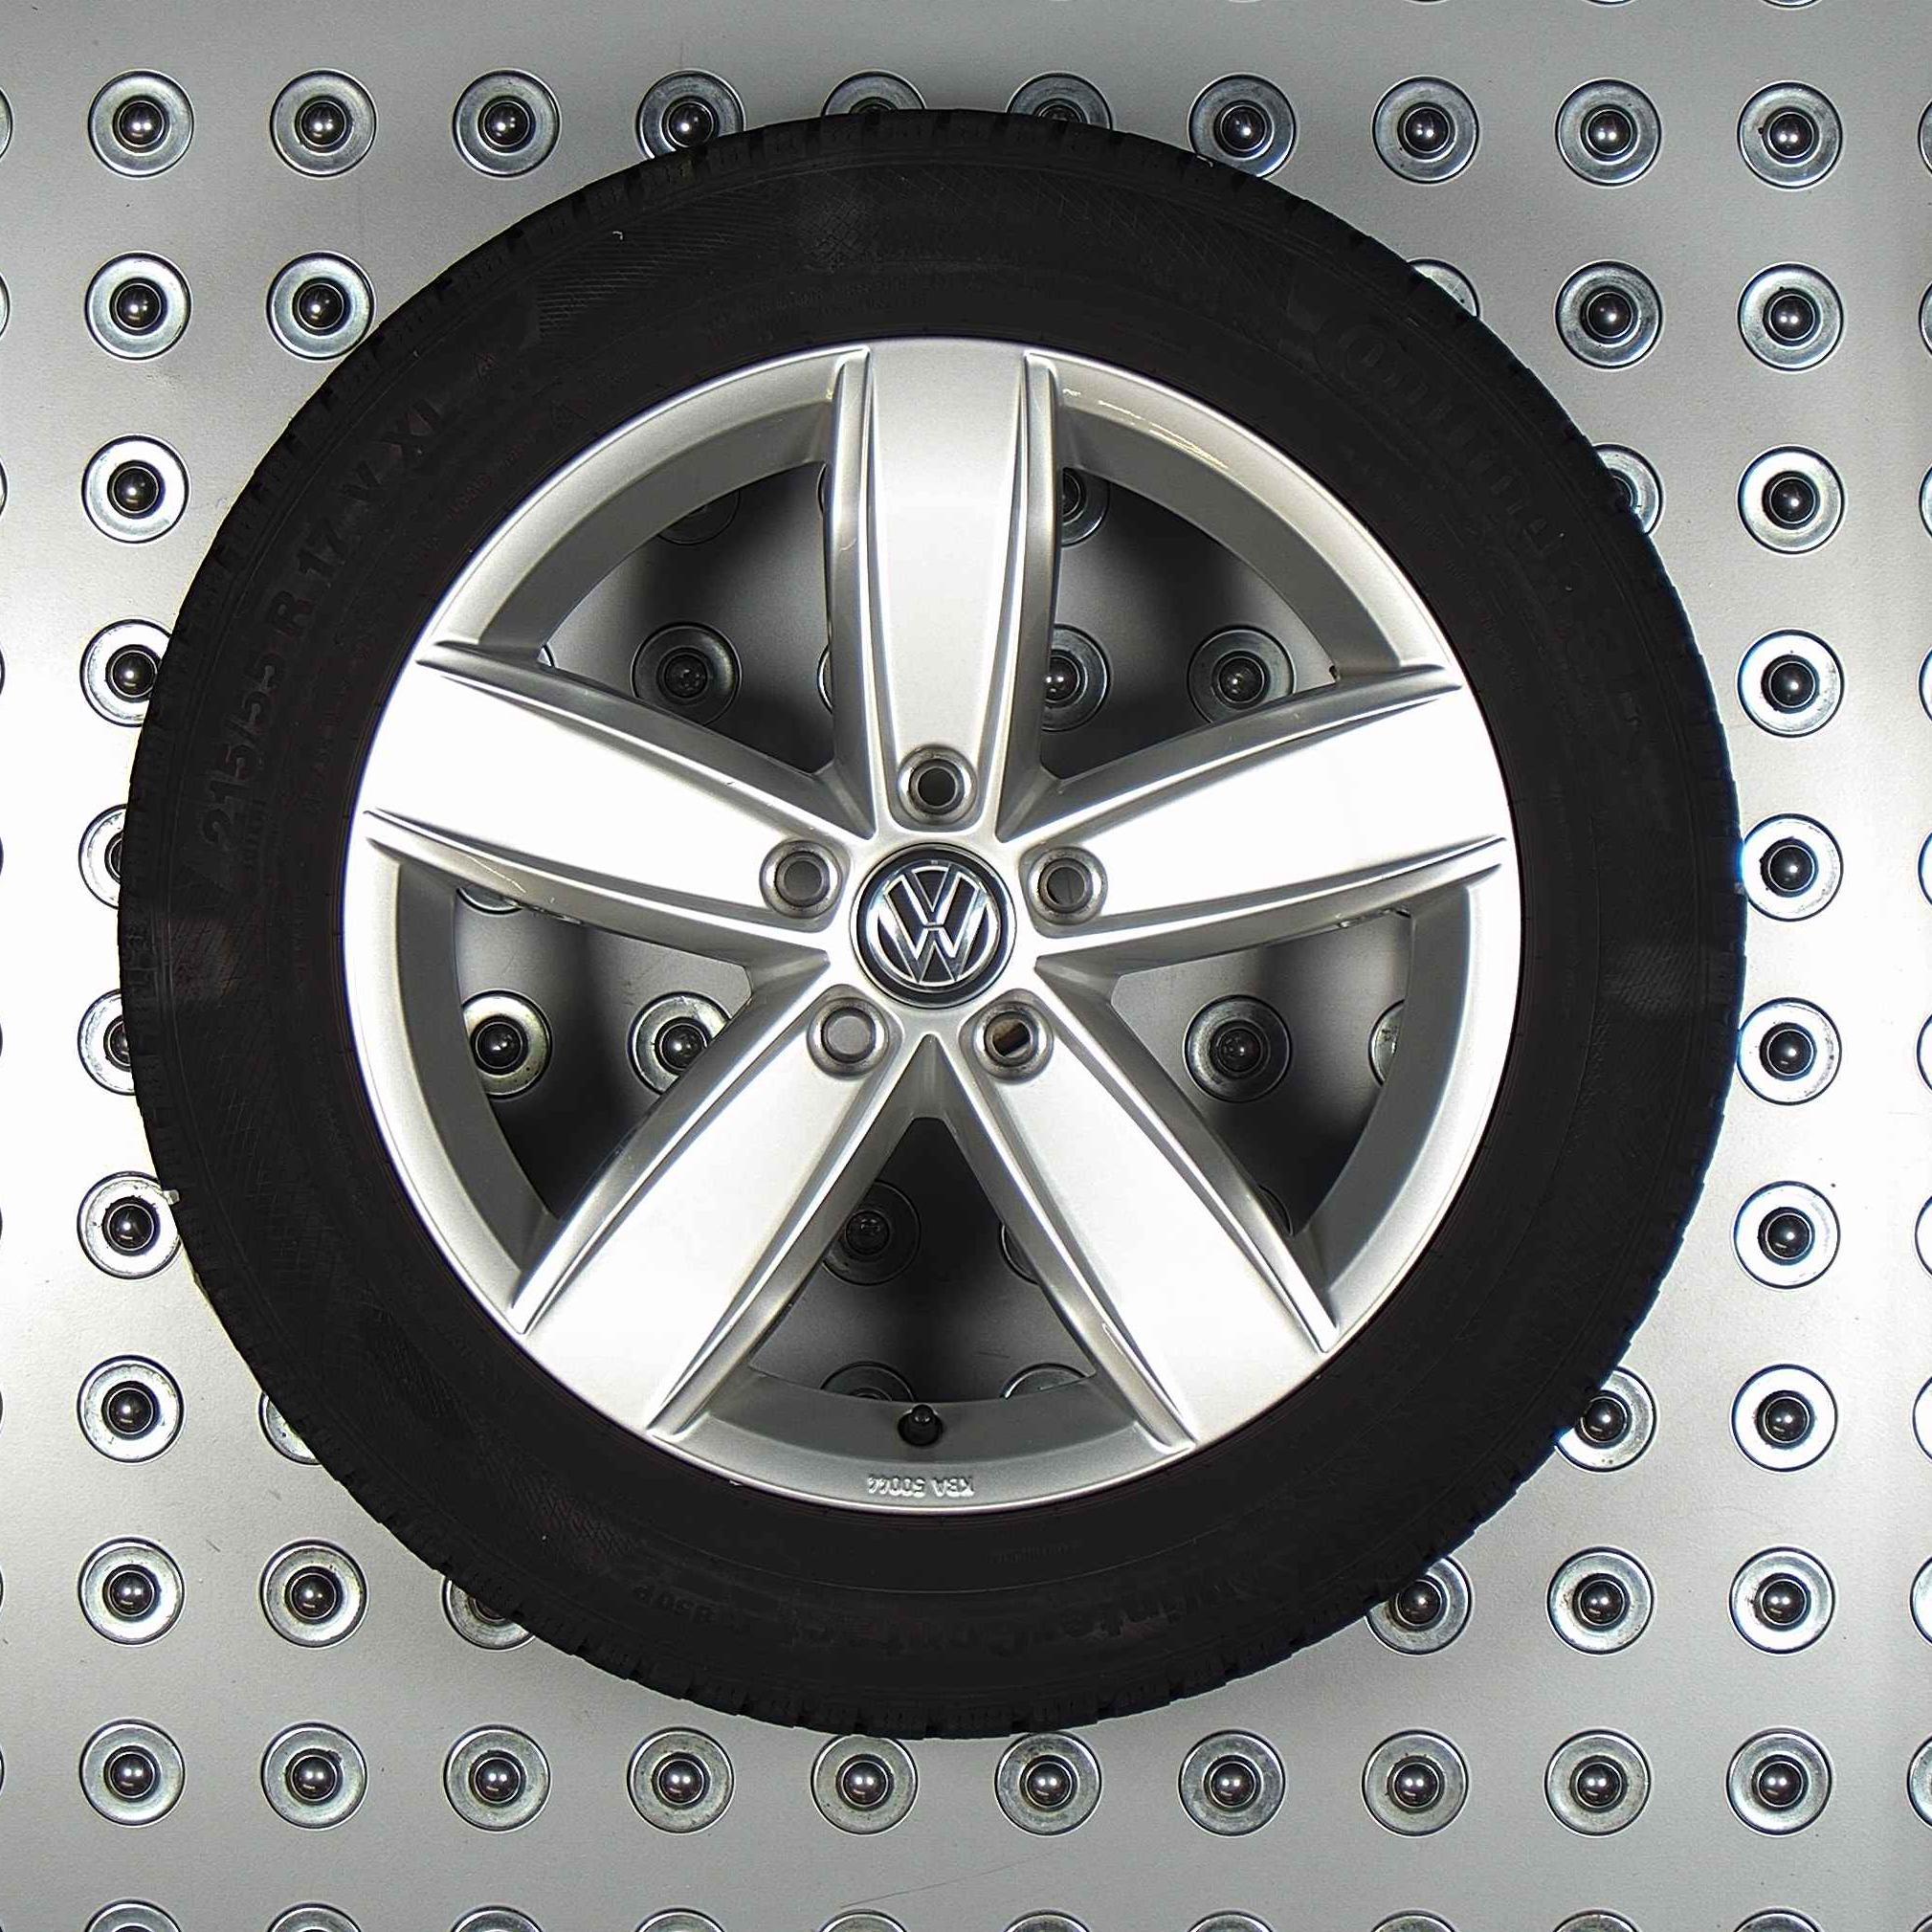 Volkswagen Passat 17 Inch Velgen Corvara Velgen Met Continental Winterbanden Passat B8 2016 Nu En Volkswagen Tiguan Ii 2016 Nu Volkswagen Passat Velgen Velgen Markt Nl